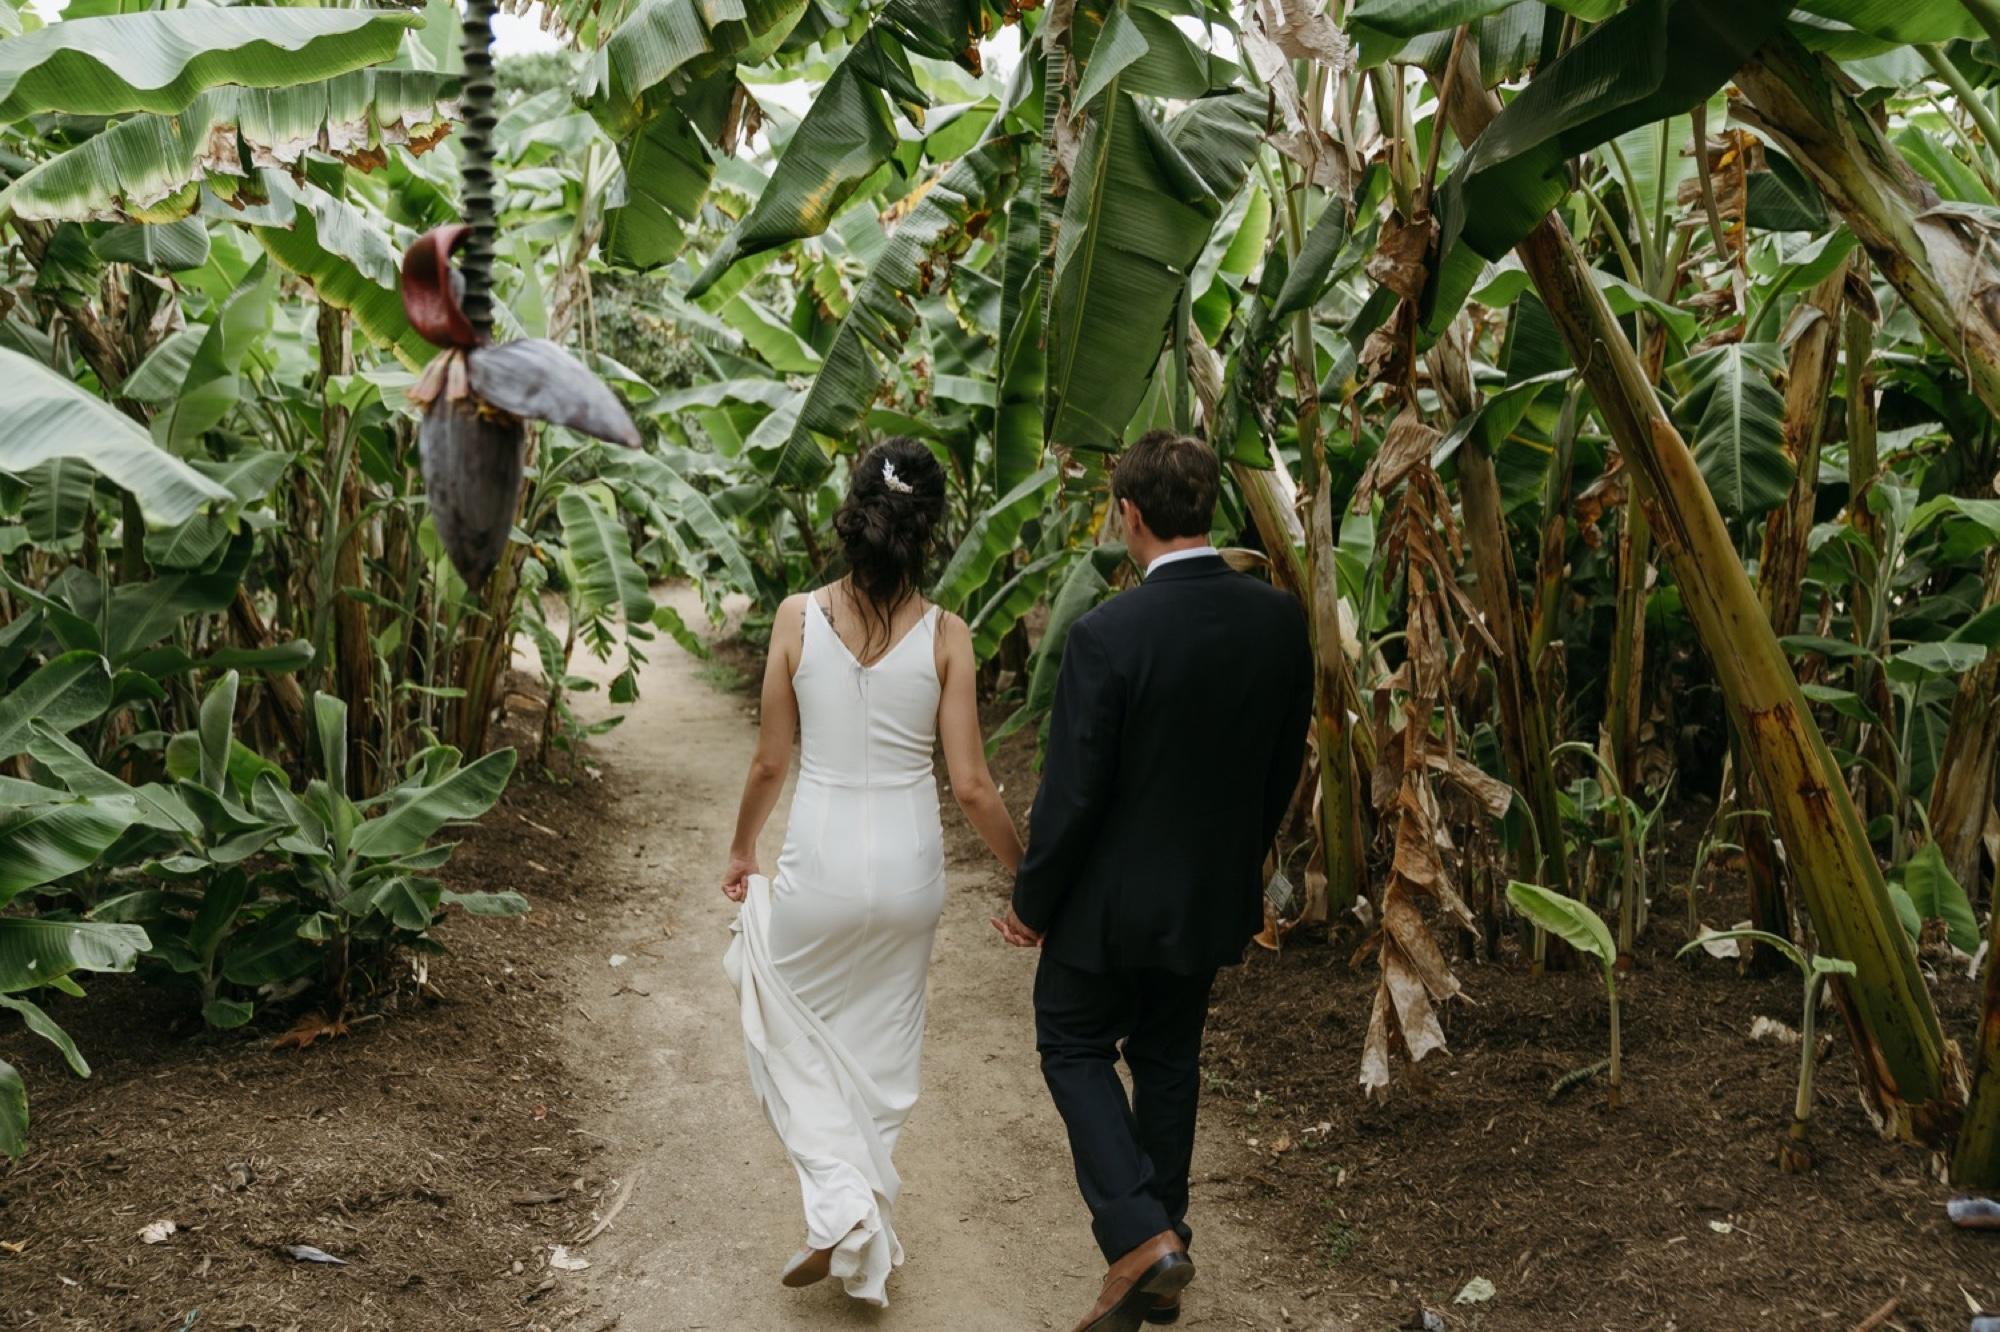 075_Shawna and Steve's Wedding-495.jpg